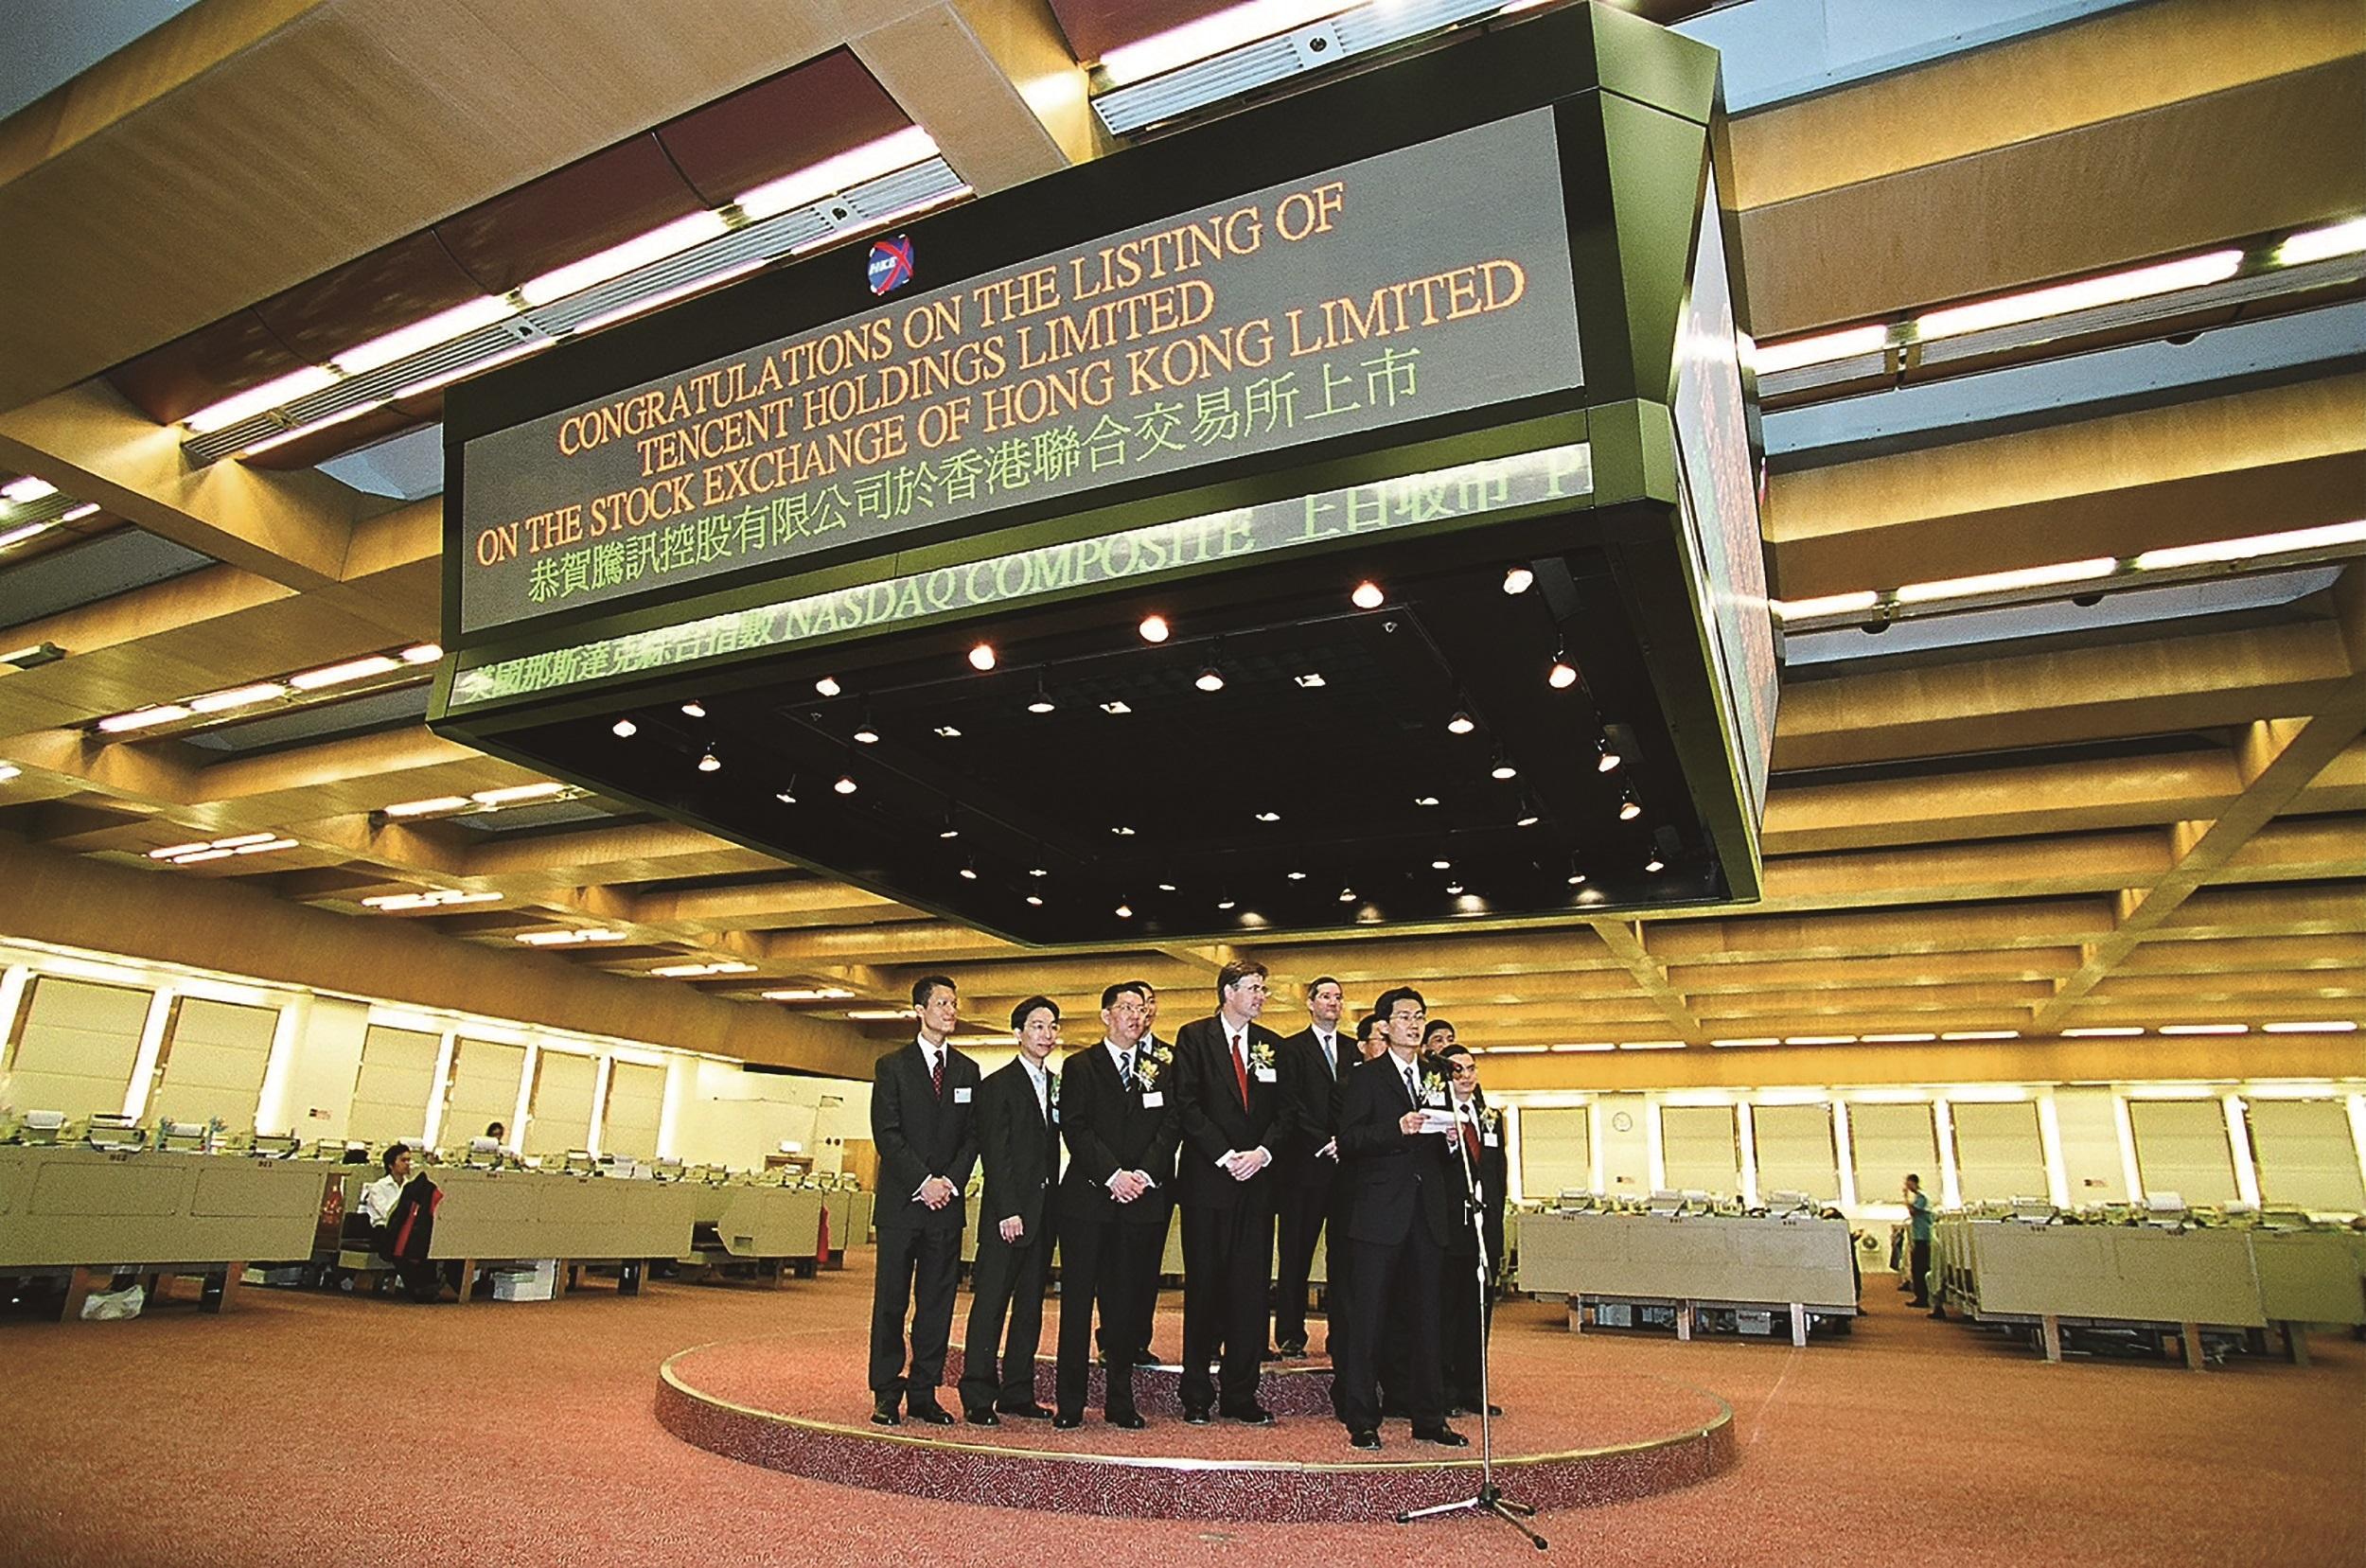 2004年6月16日,腾讯在香港联合交易所正式挂牌上市。